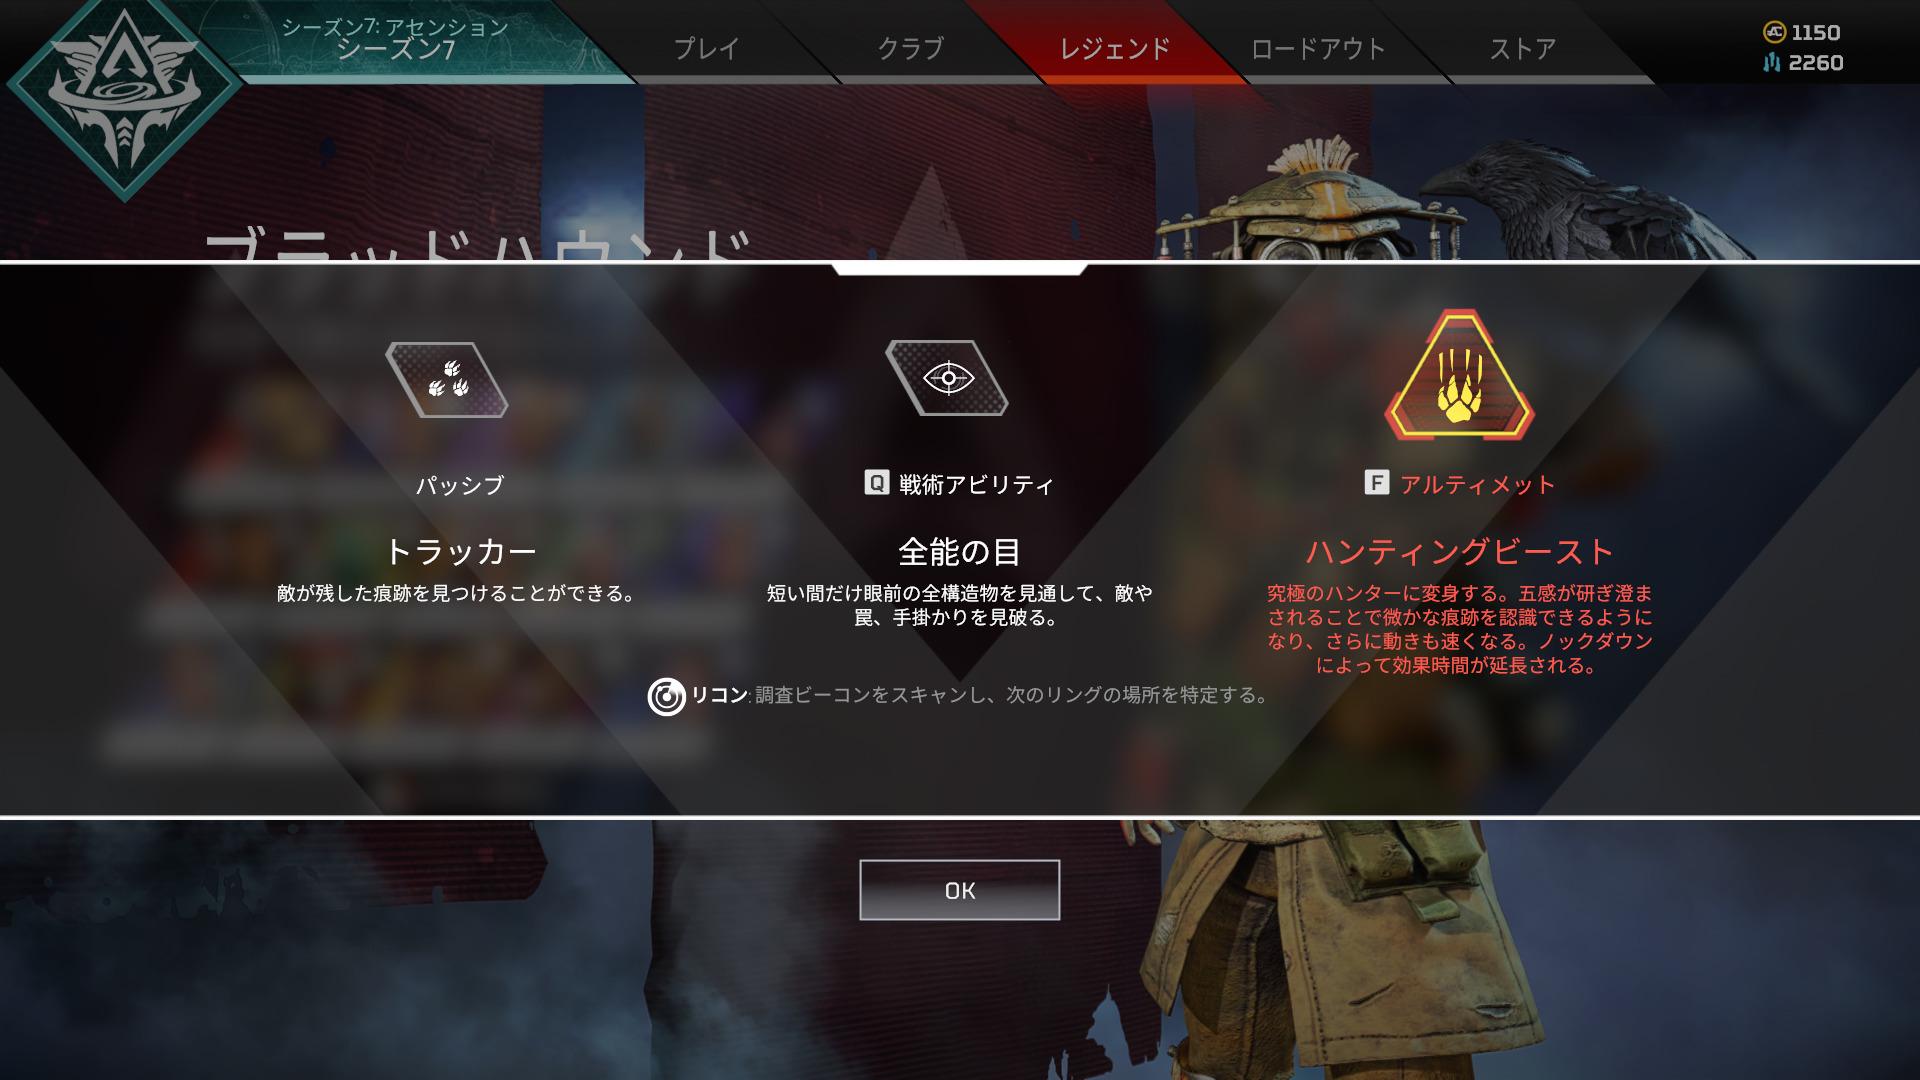 【Apex Legends】ブラッドハウンド 日本語セリフ一覧【エーペックスレジェンズ】